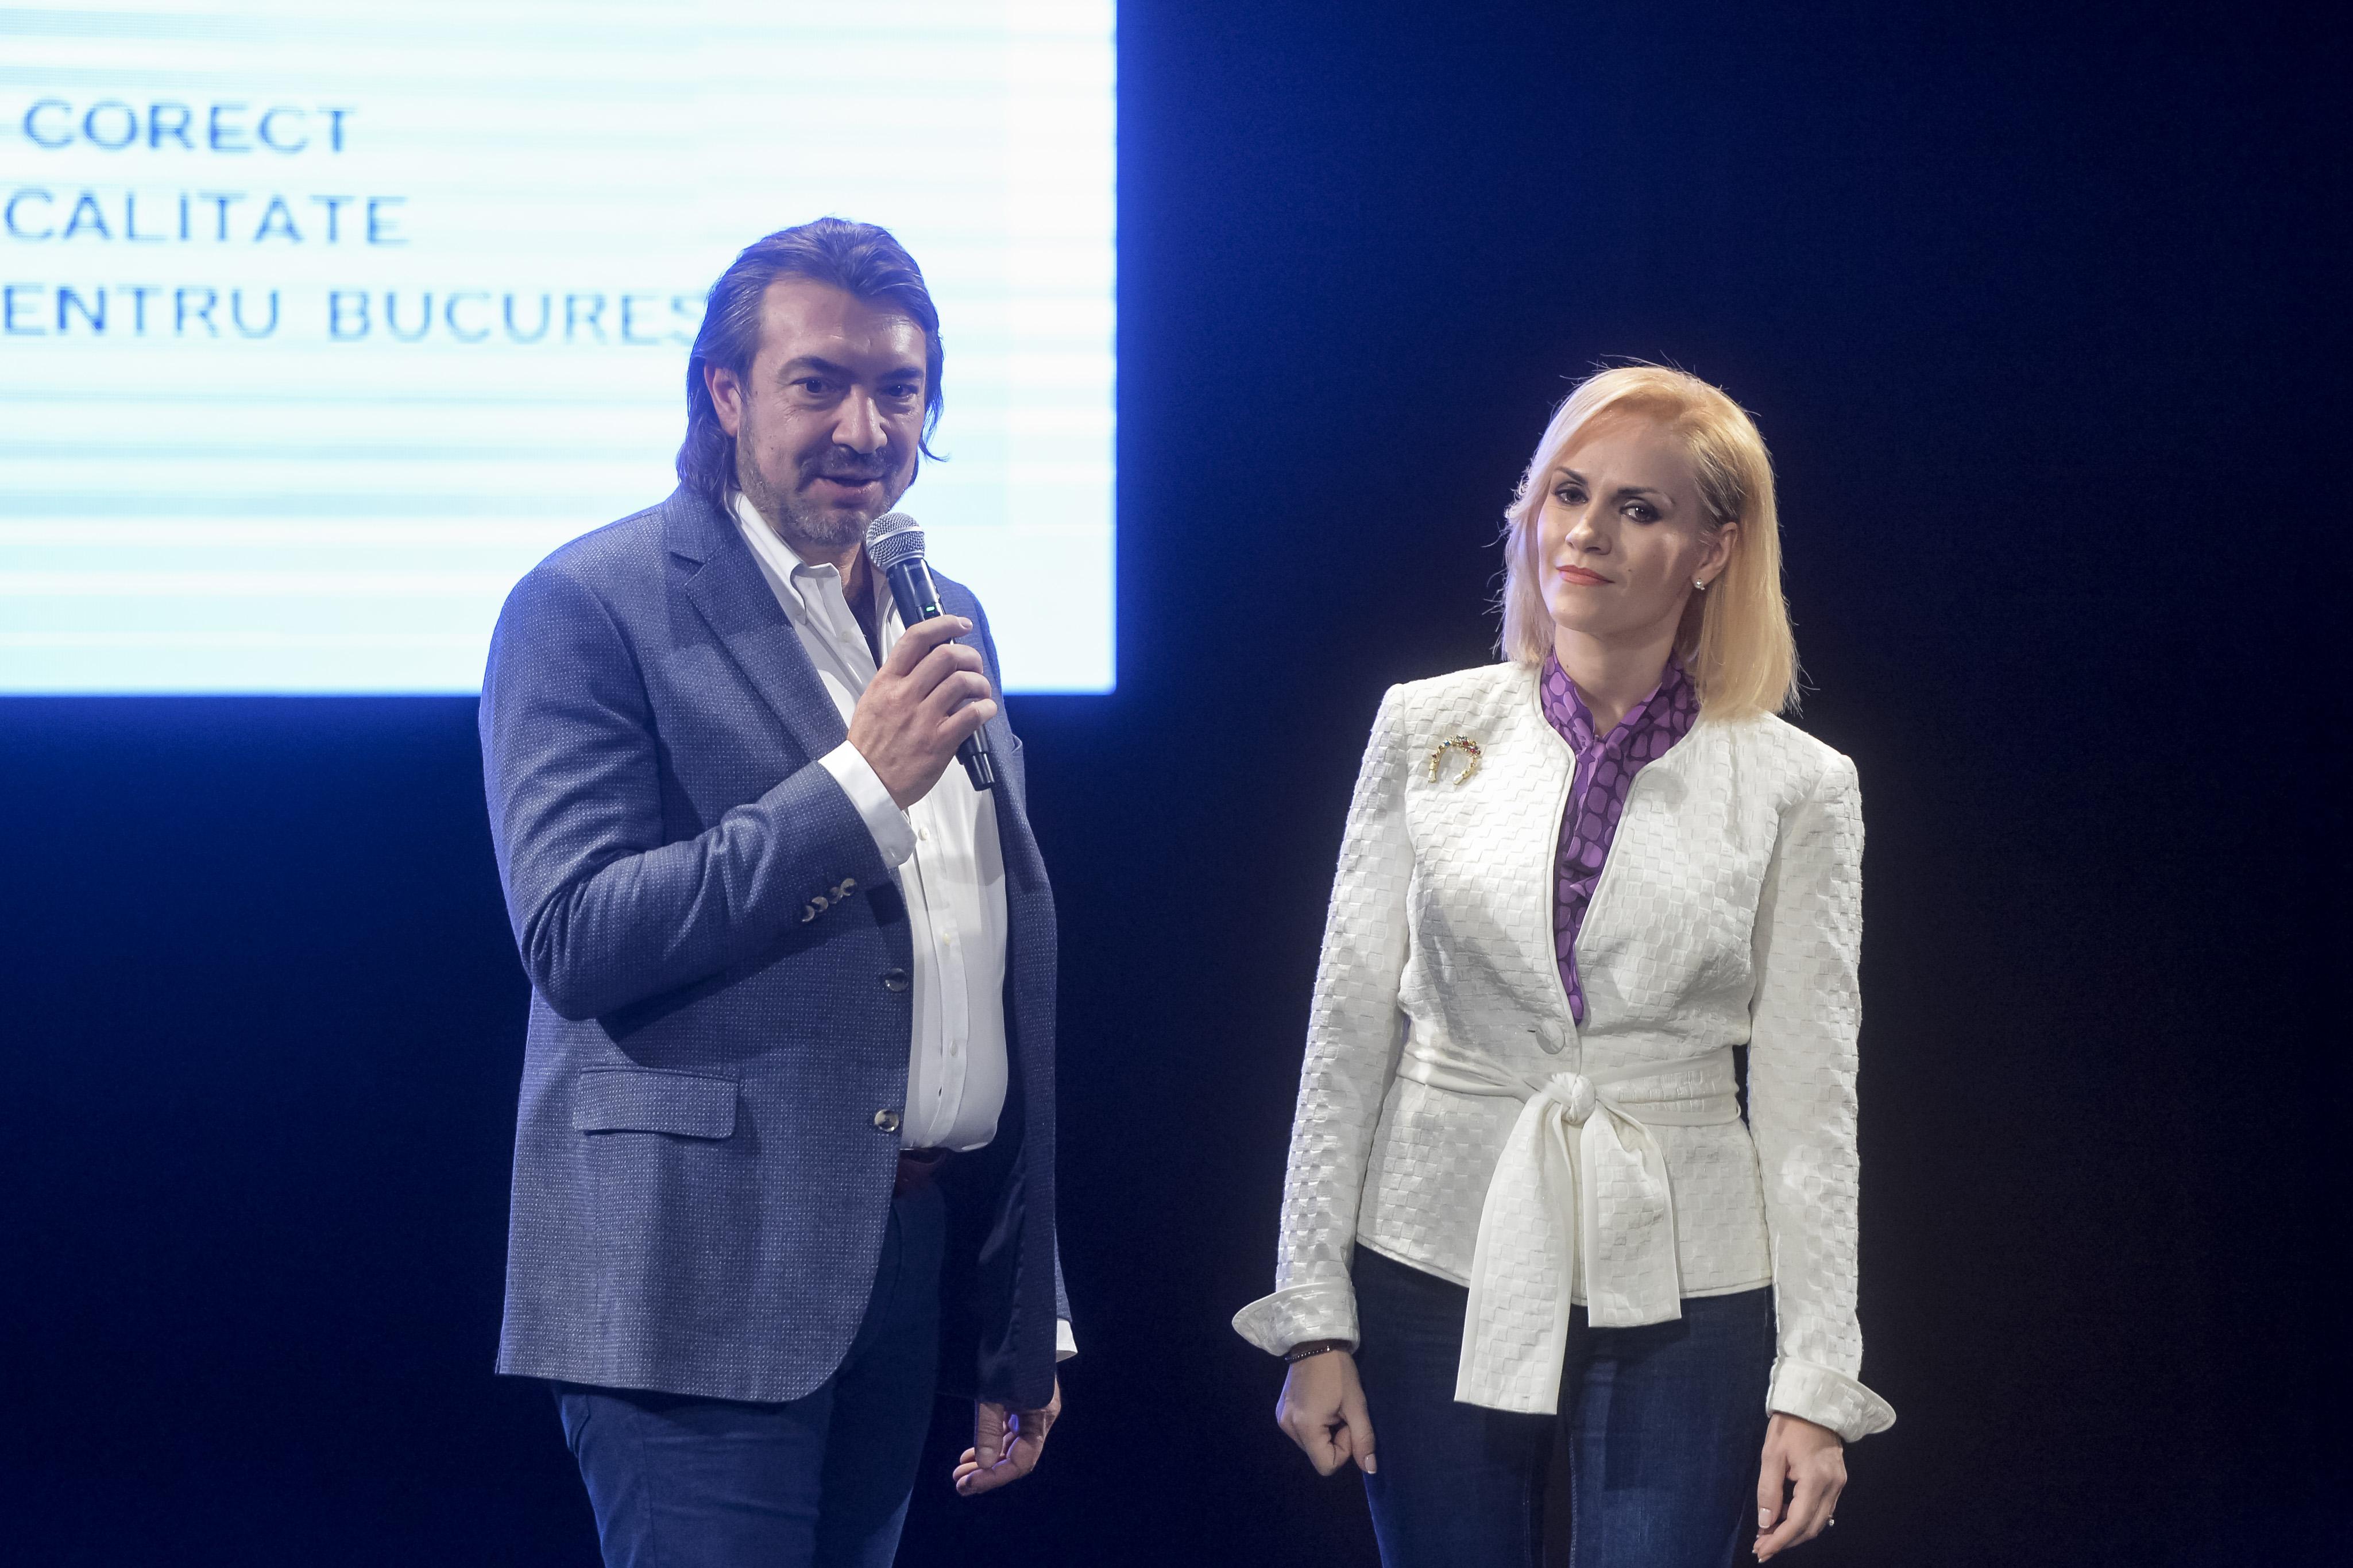 17 noiembrie 2016. Narcis Copcă și Gabriela Firea la evenimentul de lansare a candidaților PSD pentru lista parlamentarilor de București. Foto: MediafaxFoto